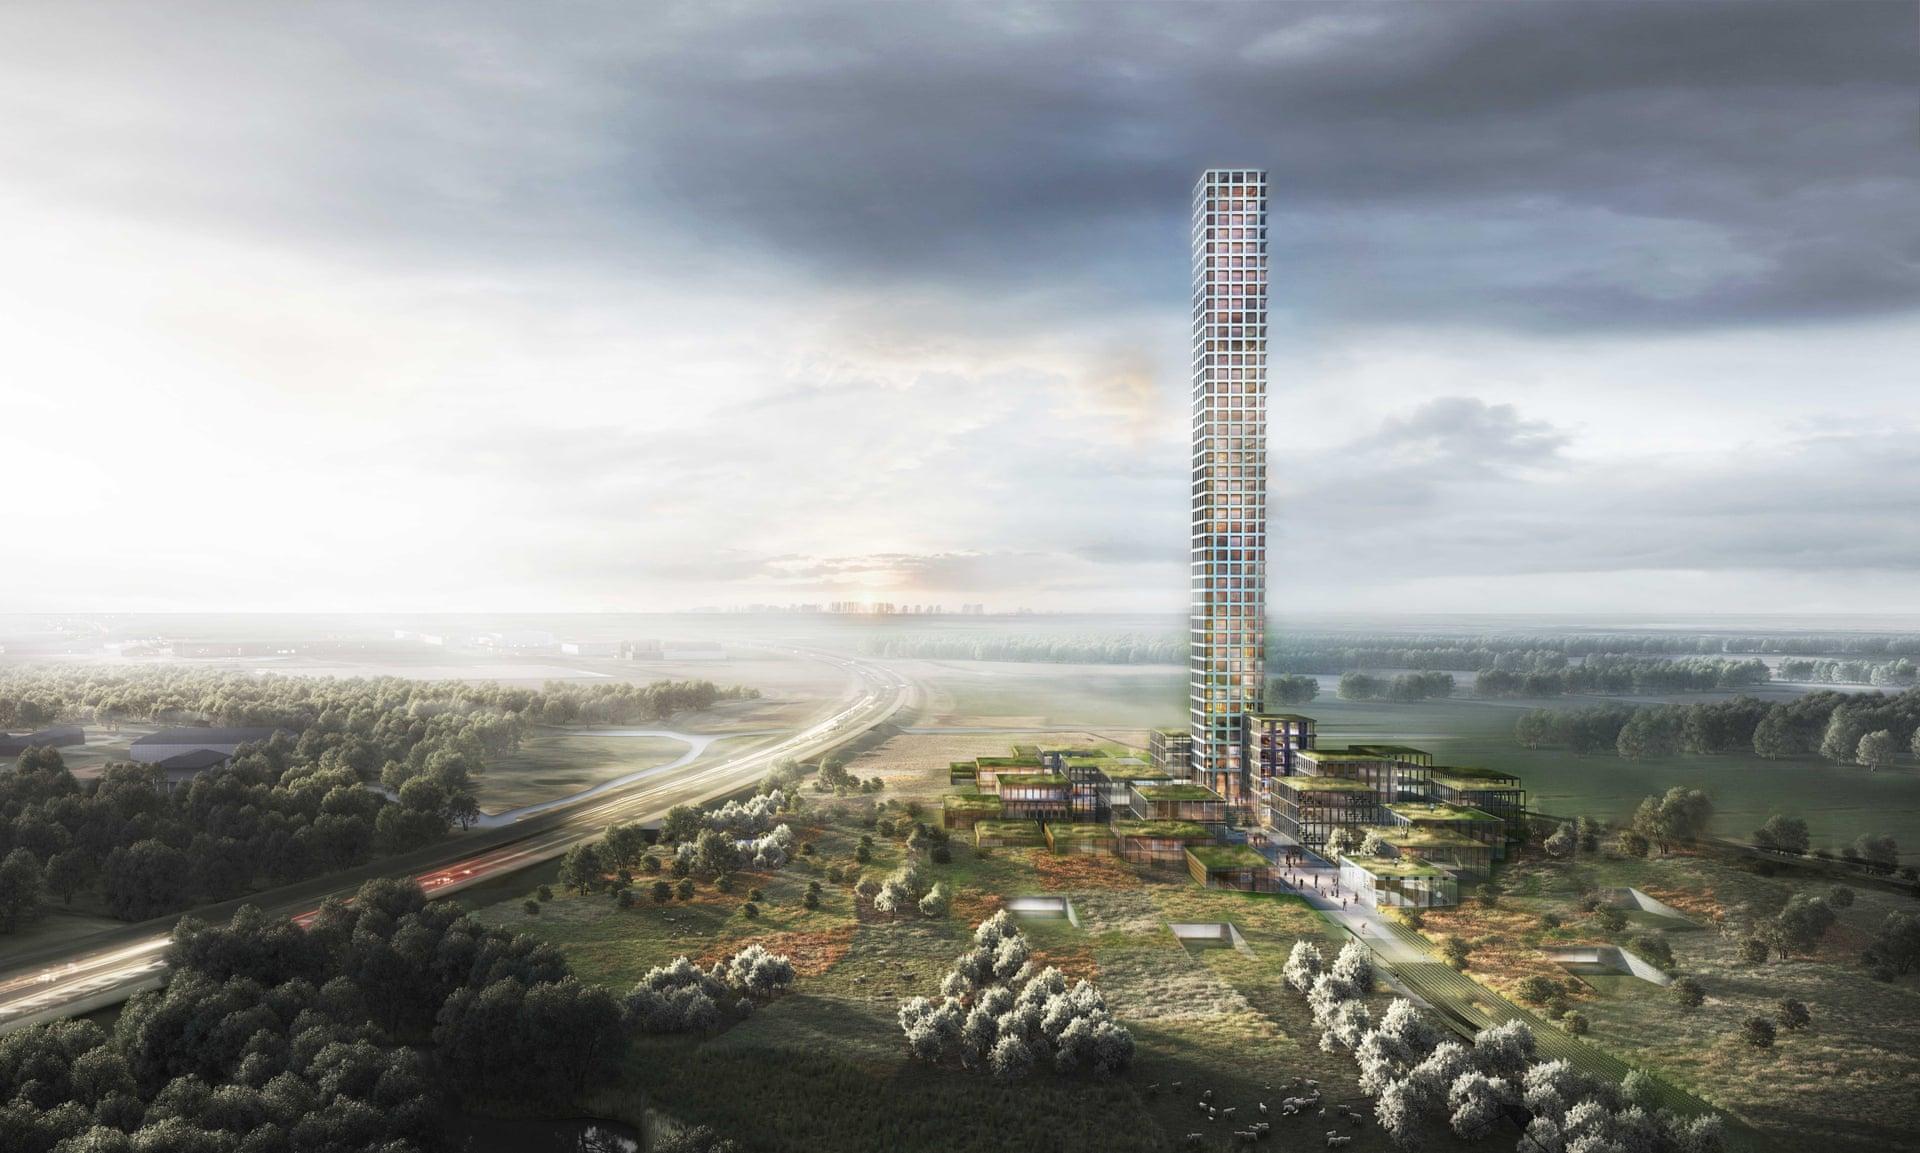 El edificiose levantará sobre Brande, una pequeña ciudad de 7.000 habitantes en Jutlandia, Dinamarca / Dorte Mandrup